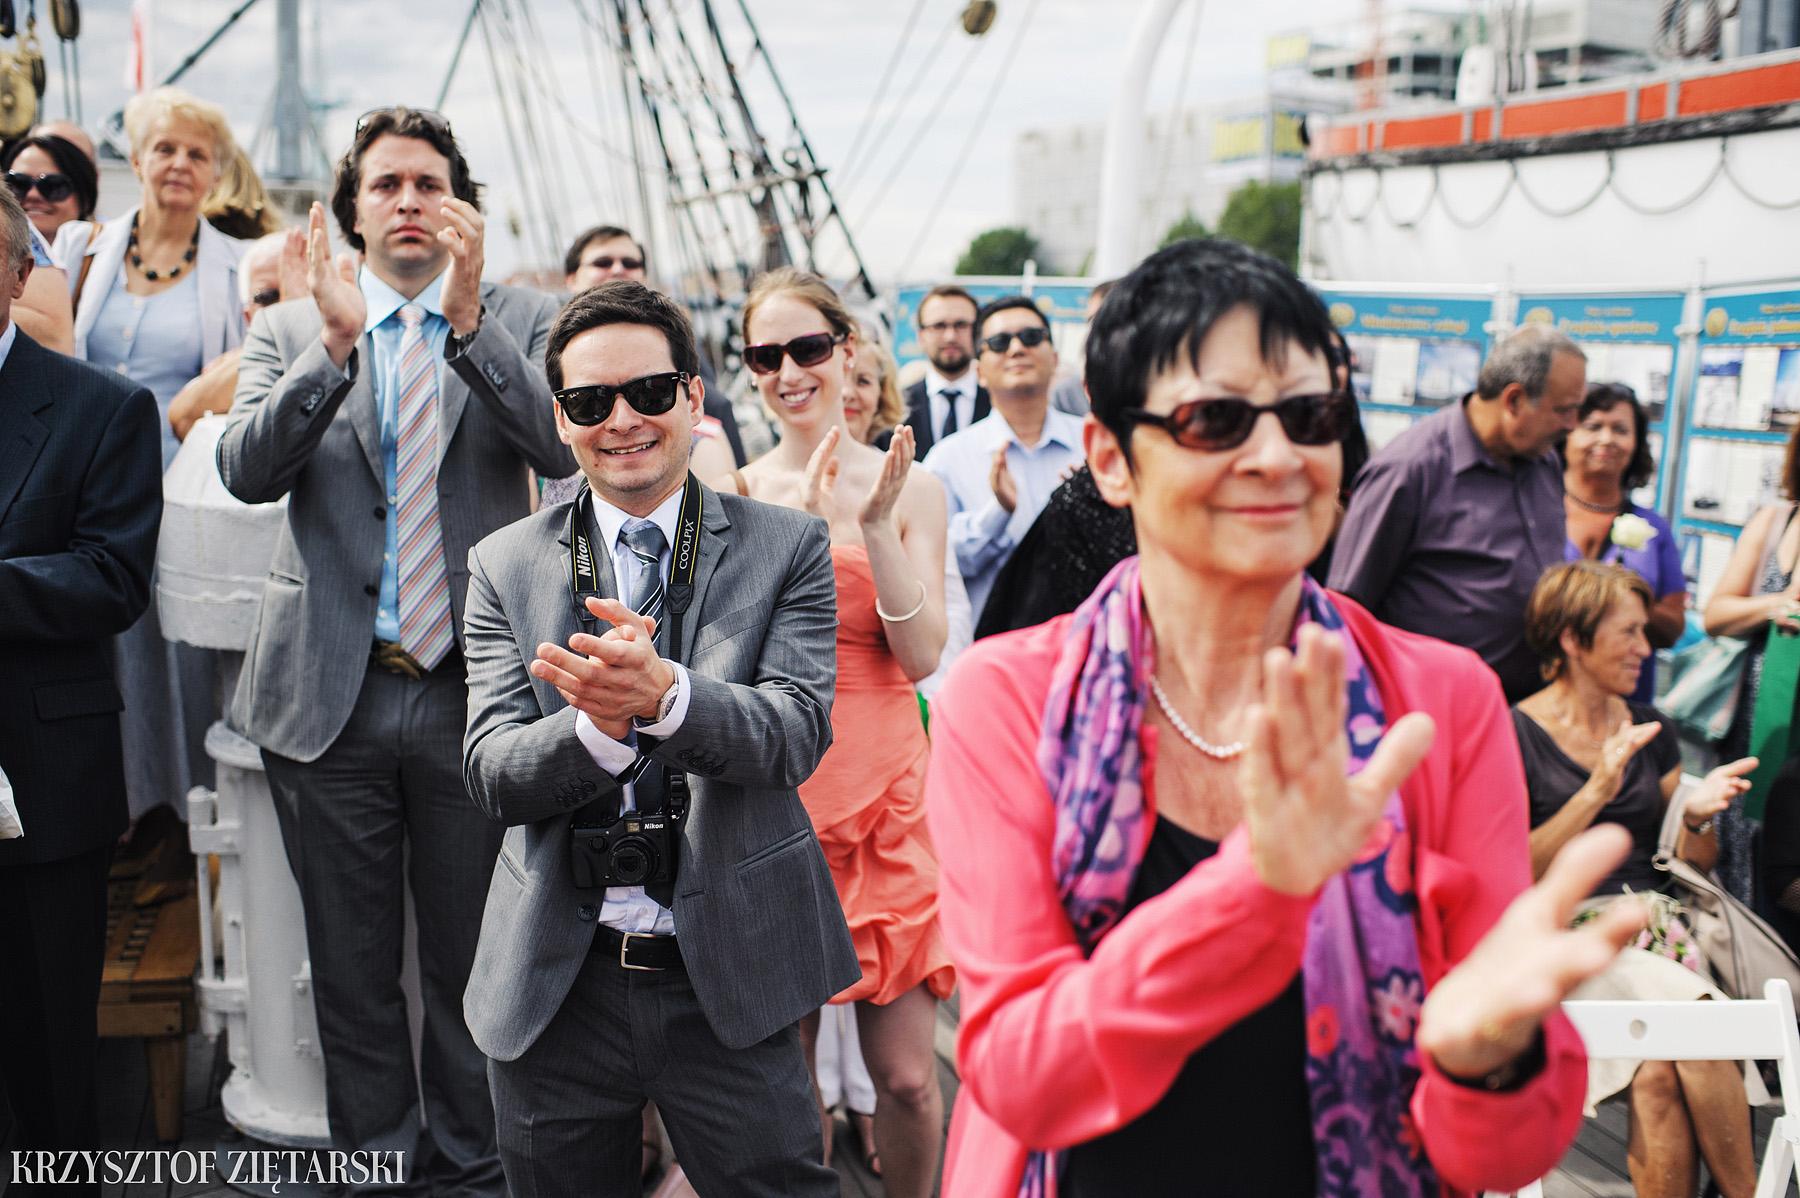 Gosia i Gabriele - Fotografia ślubna Gdynia - Dar Pomorza, Gościniec dla Przyjaciół Wyczechowo, Sea Towers - 19.